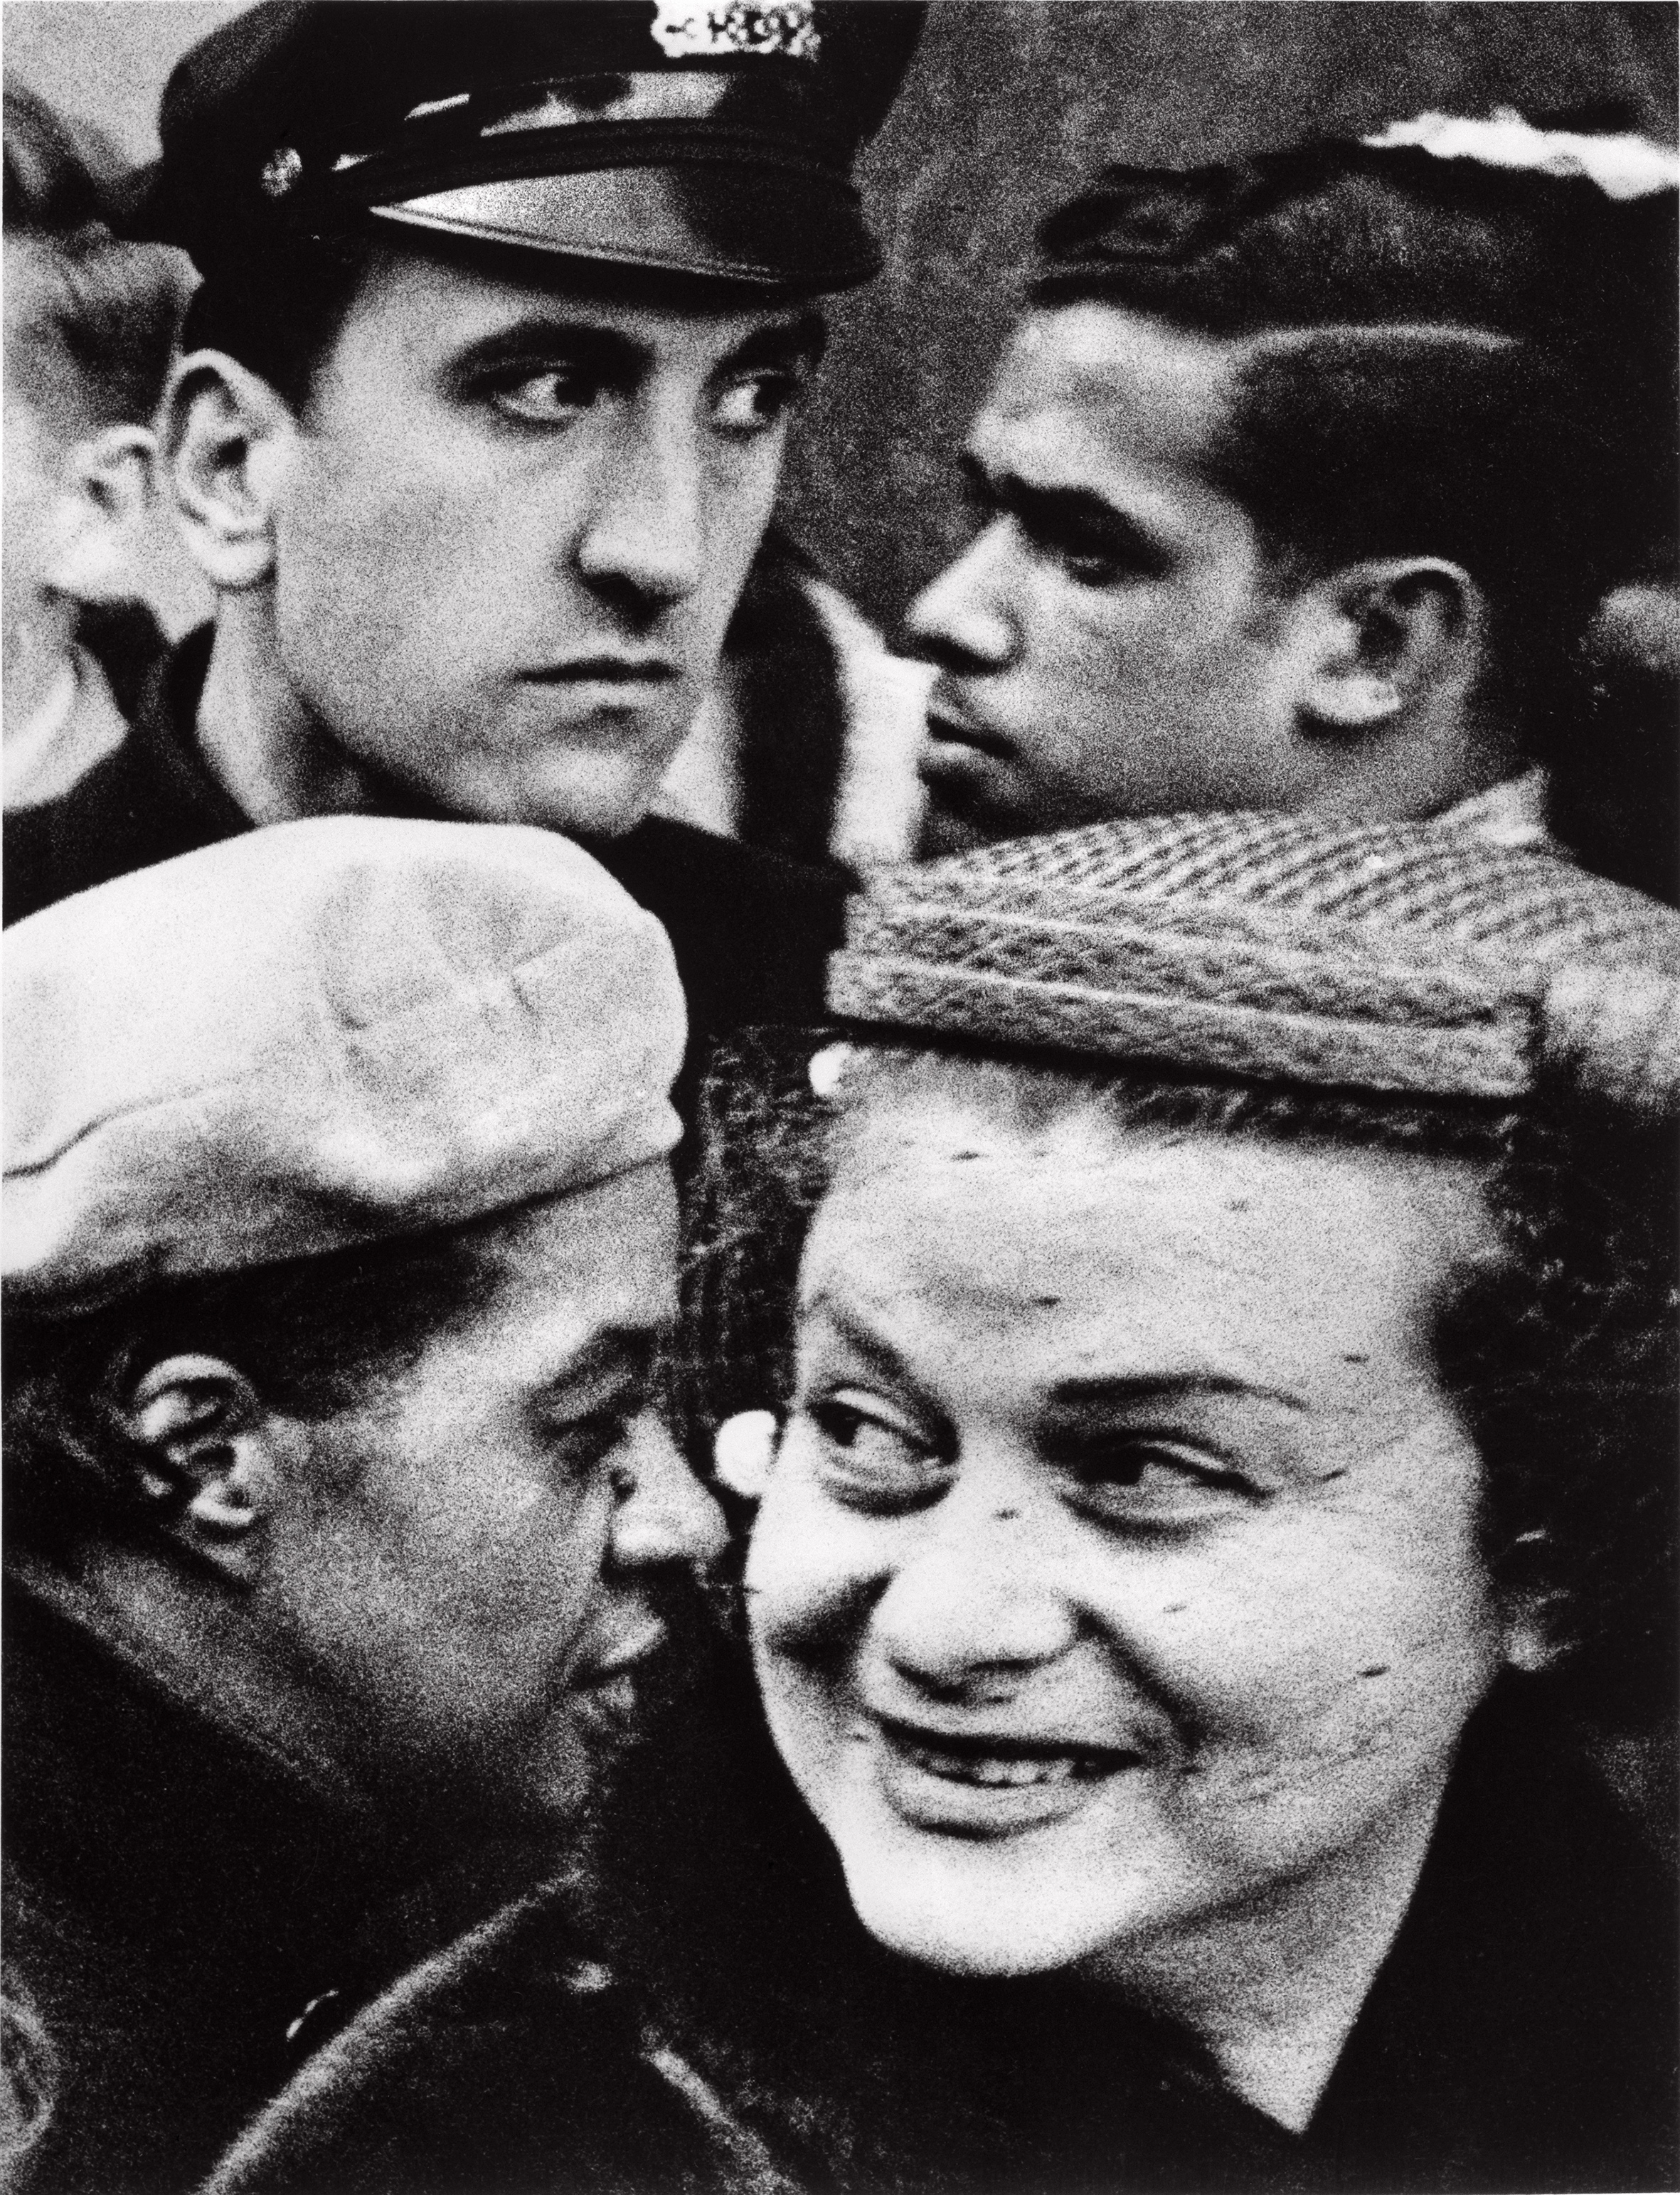 William Klein, Quatre têtes, fête de Thanksgiving, Broadway & 33rd, New York 1954 © William Klein